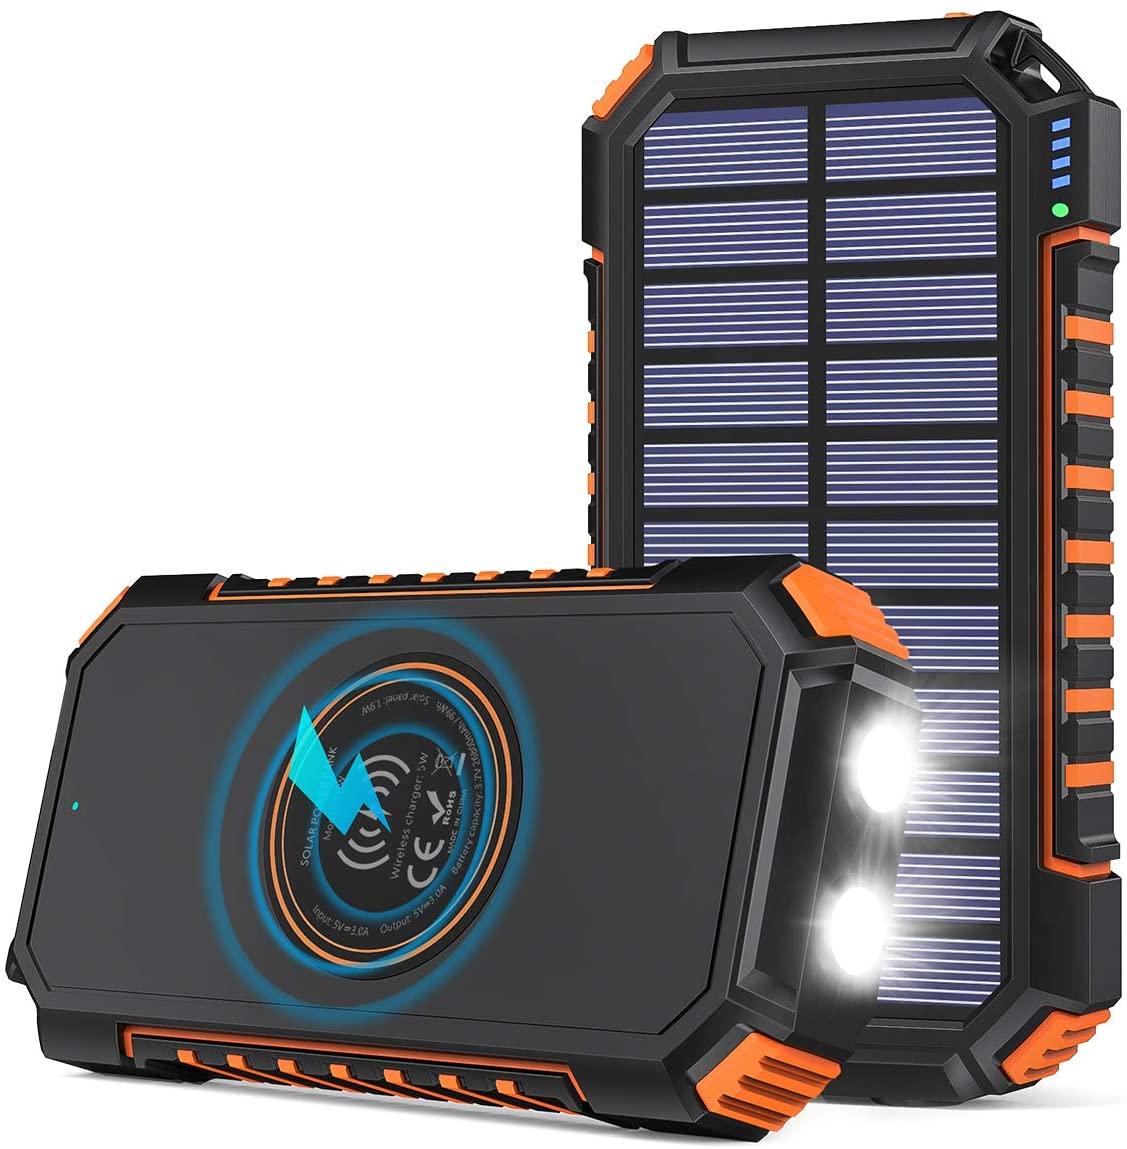 アマゾンでADDTOP ソーラーチャージャ一 26800mAhが1499円。USB-PD未対応。